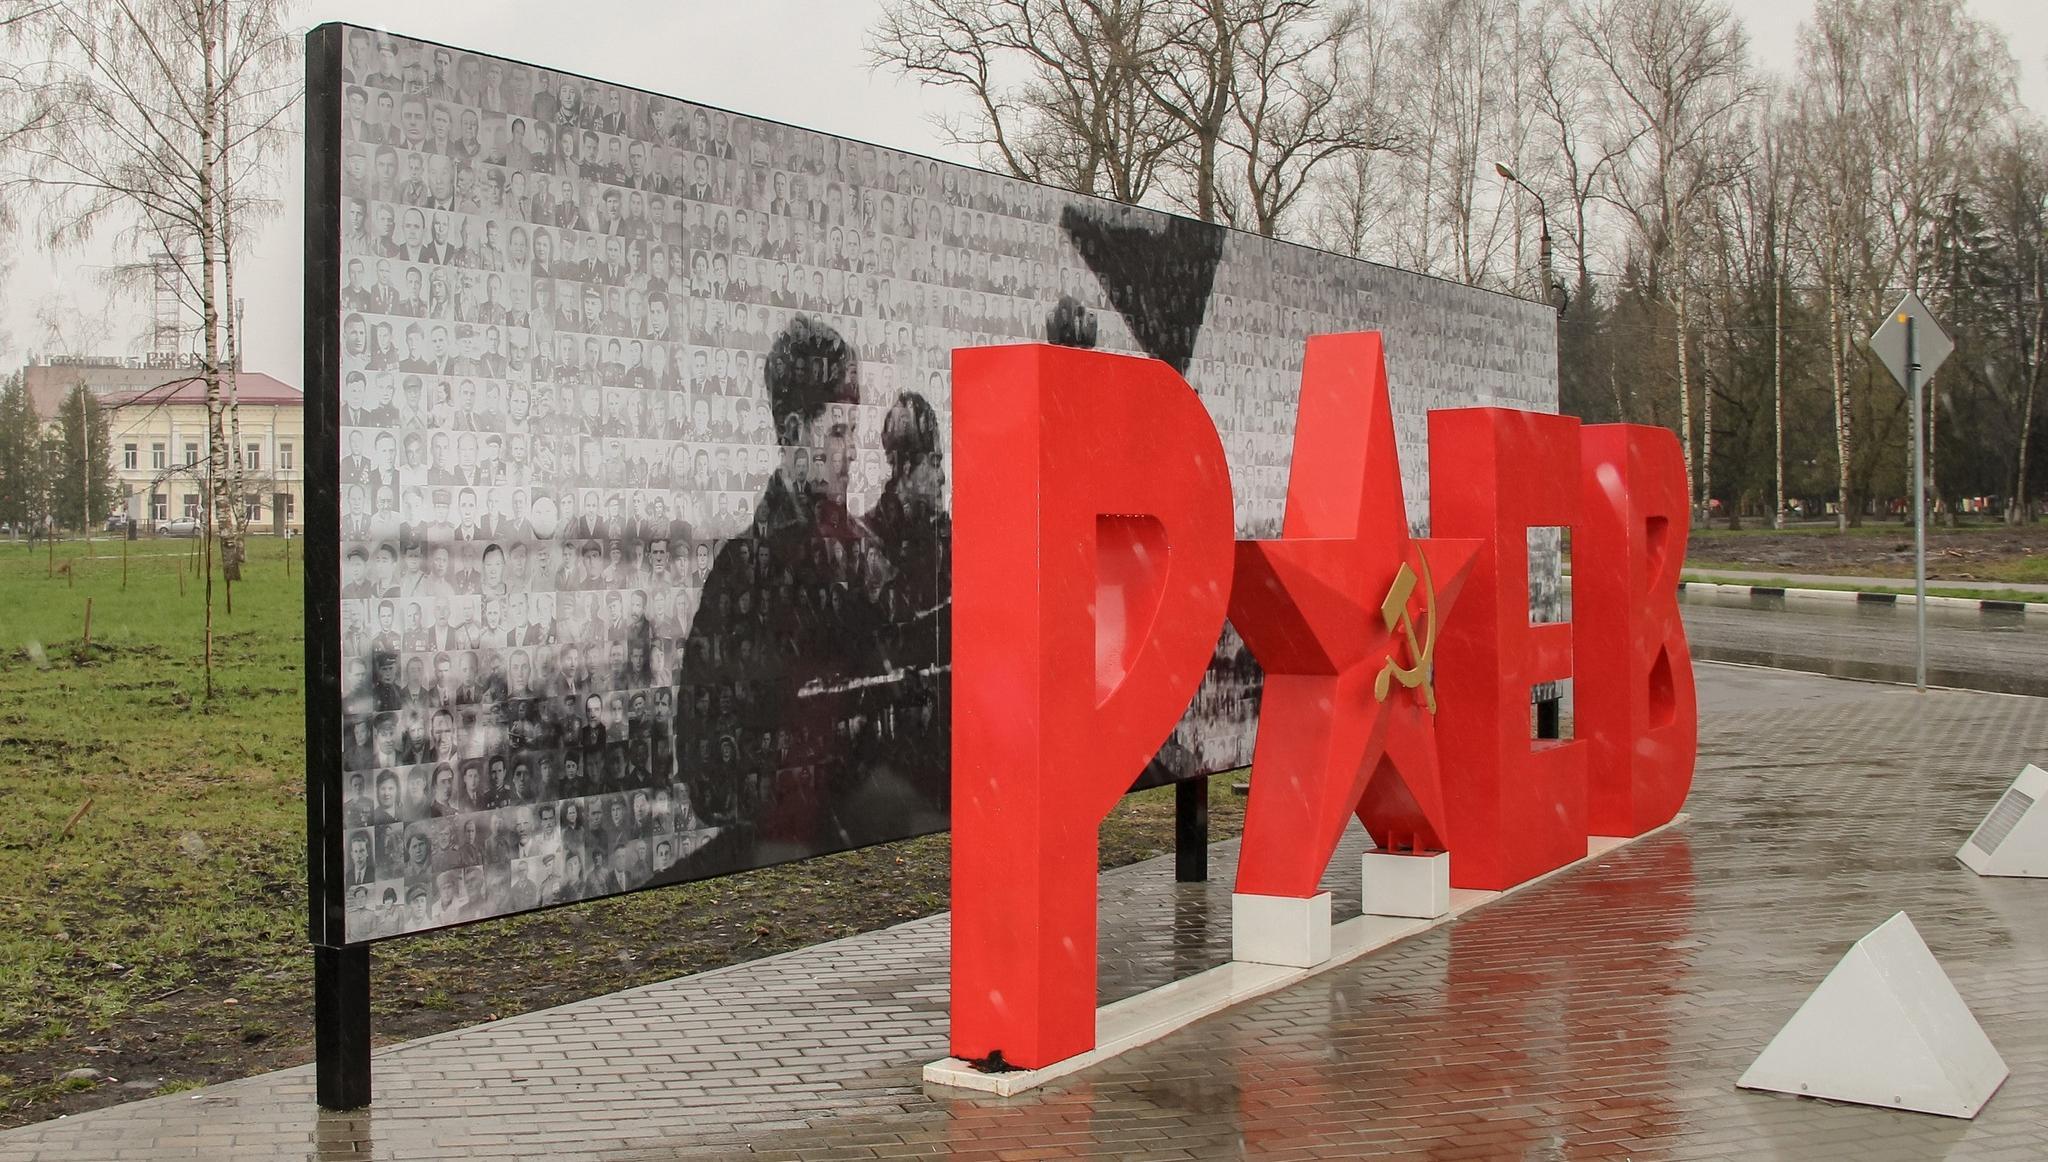 Экспозиция более чем из 2 тысяч фотографий героев войны появилась в Ржеве Тверской области